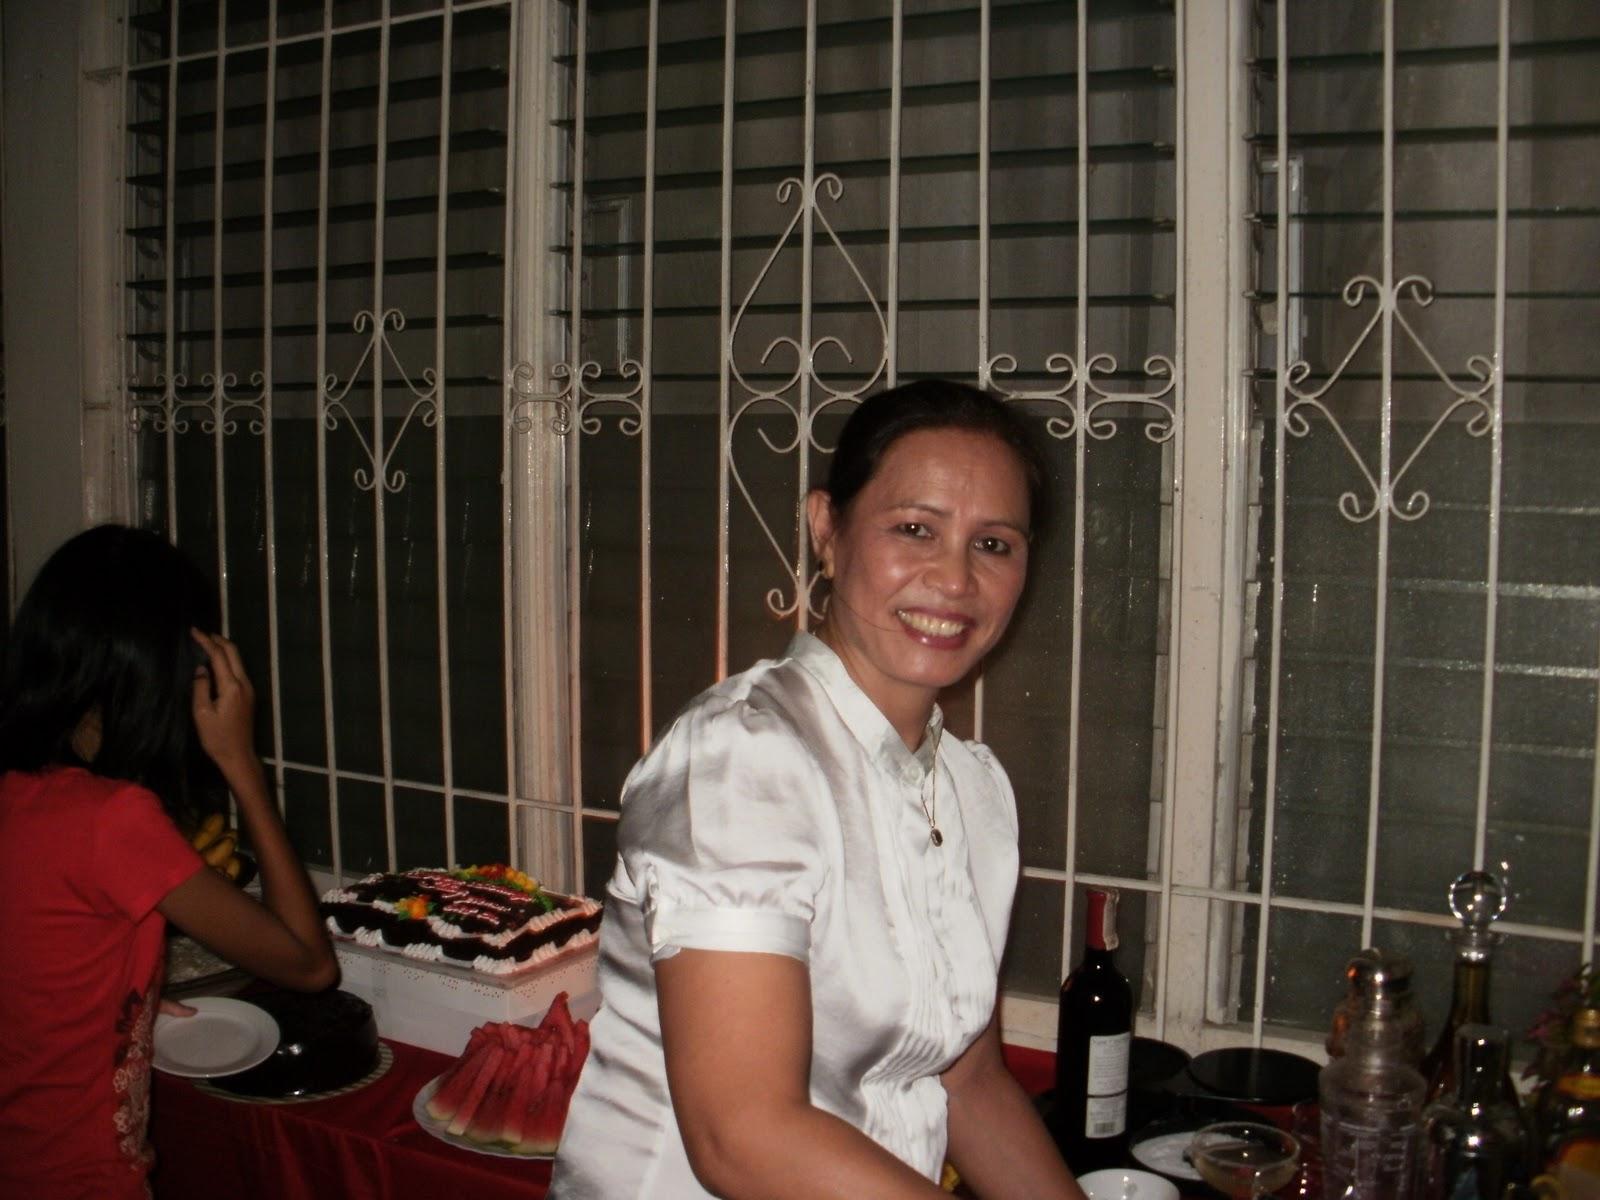 Kingpin Landlady Gif Landlady  happy birthdayKingpin Landlady Gif